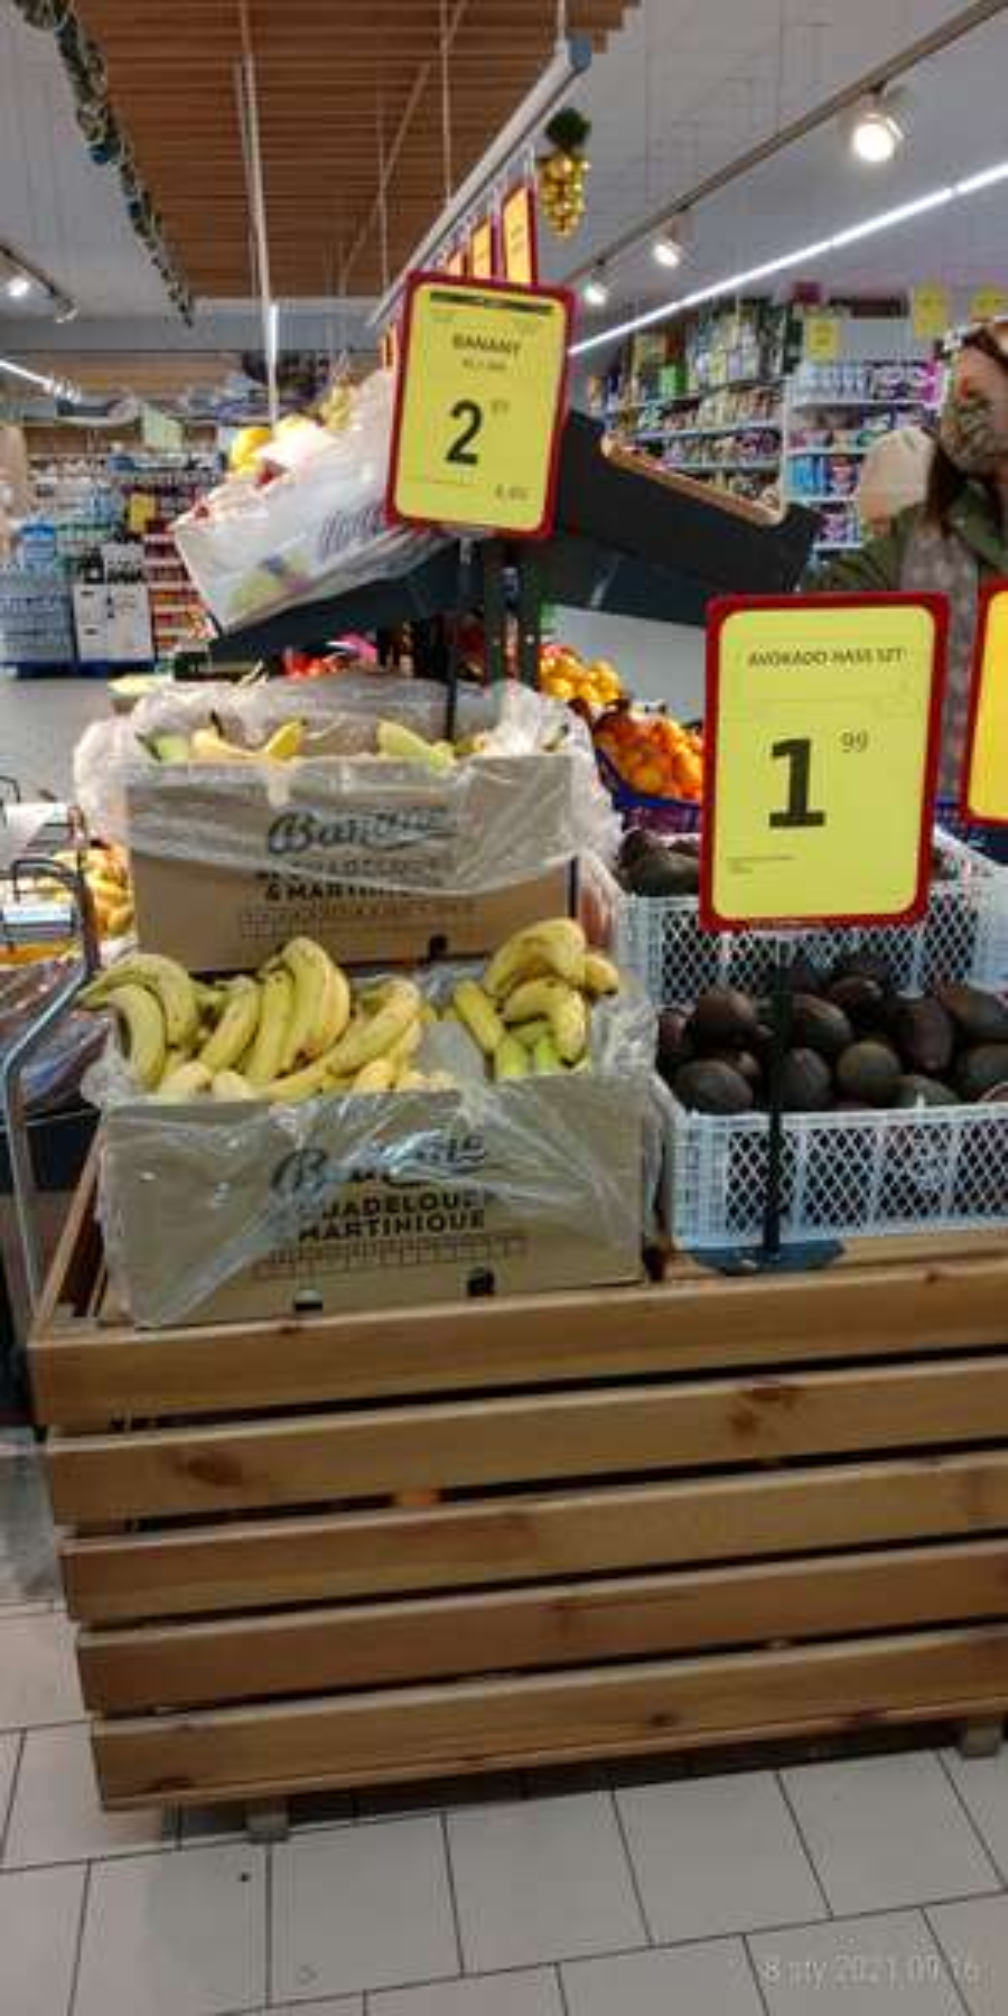 Awokado i banany sieć Lewiatan